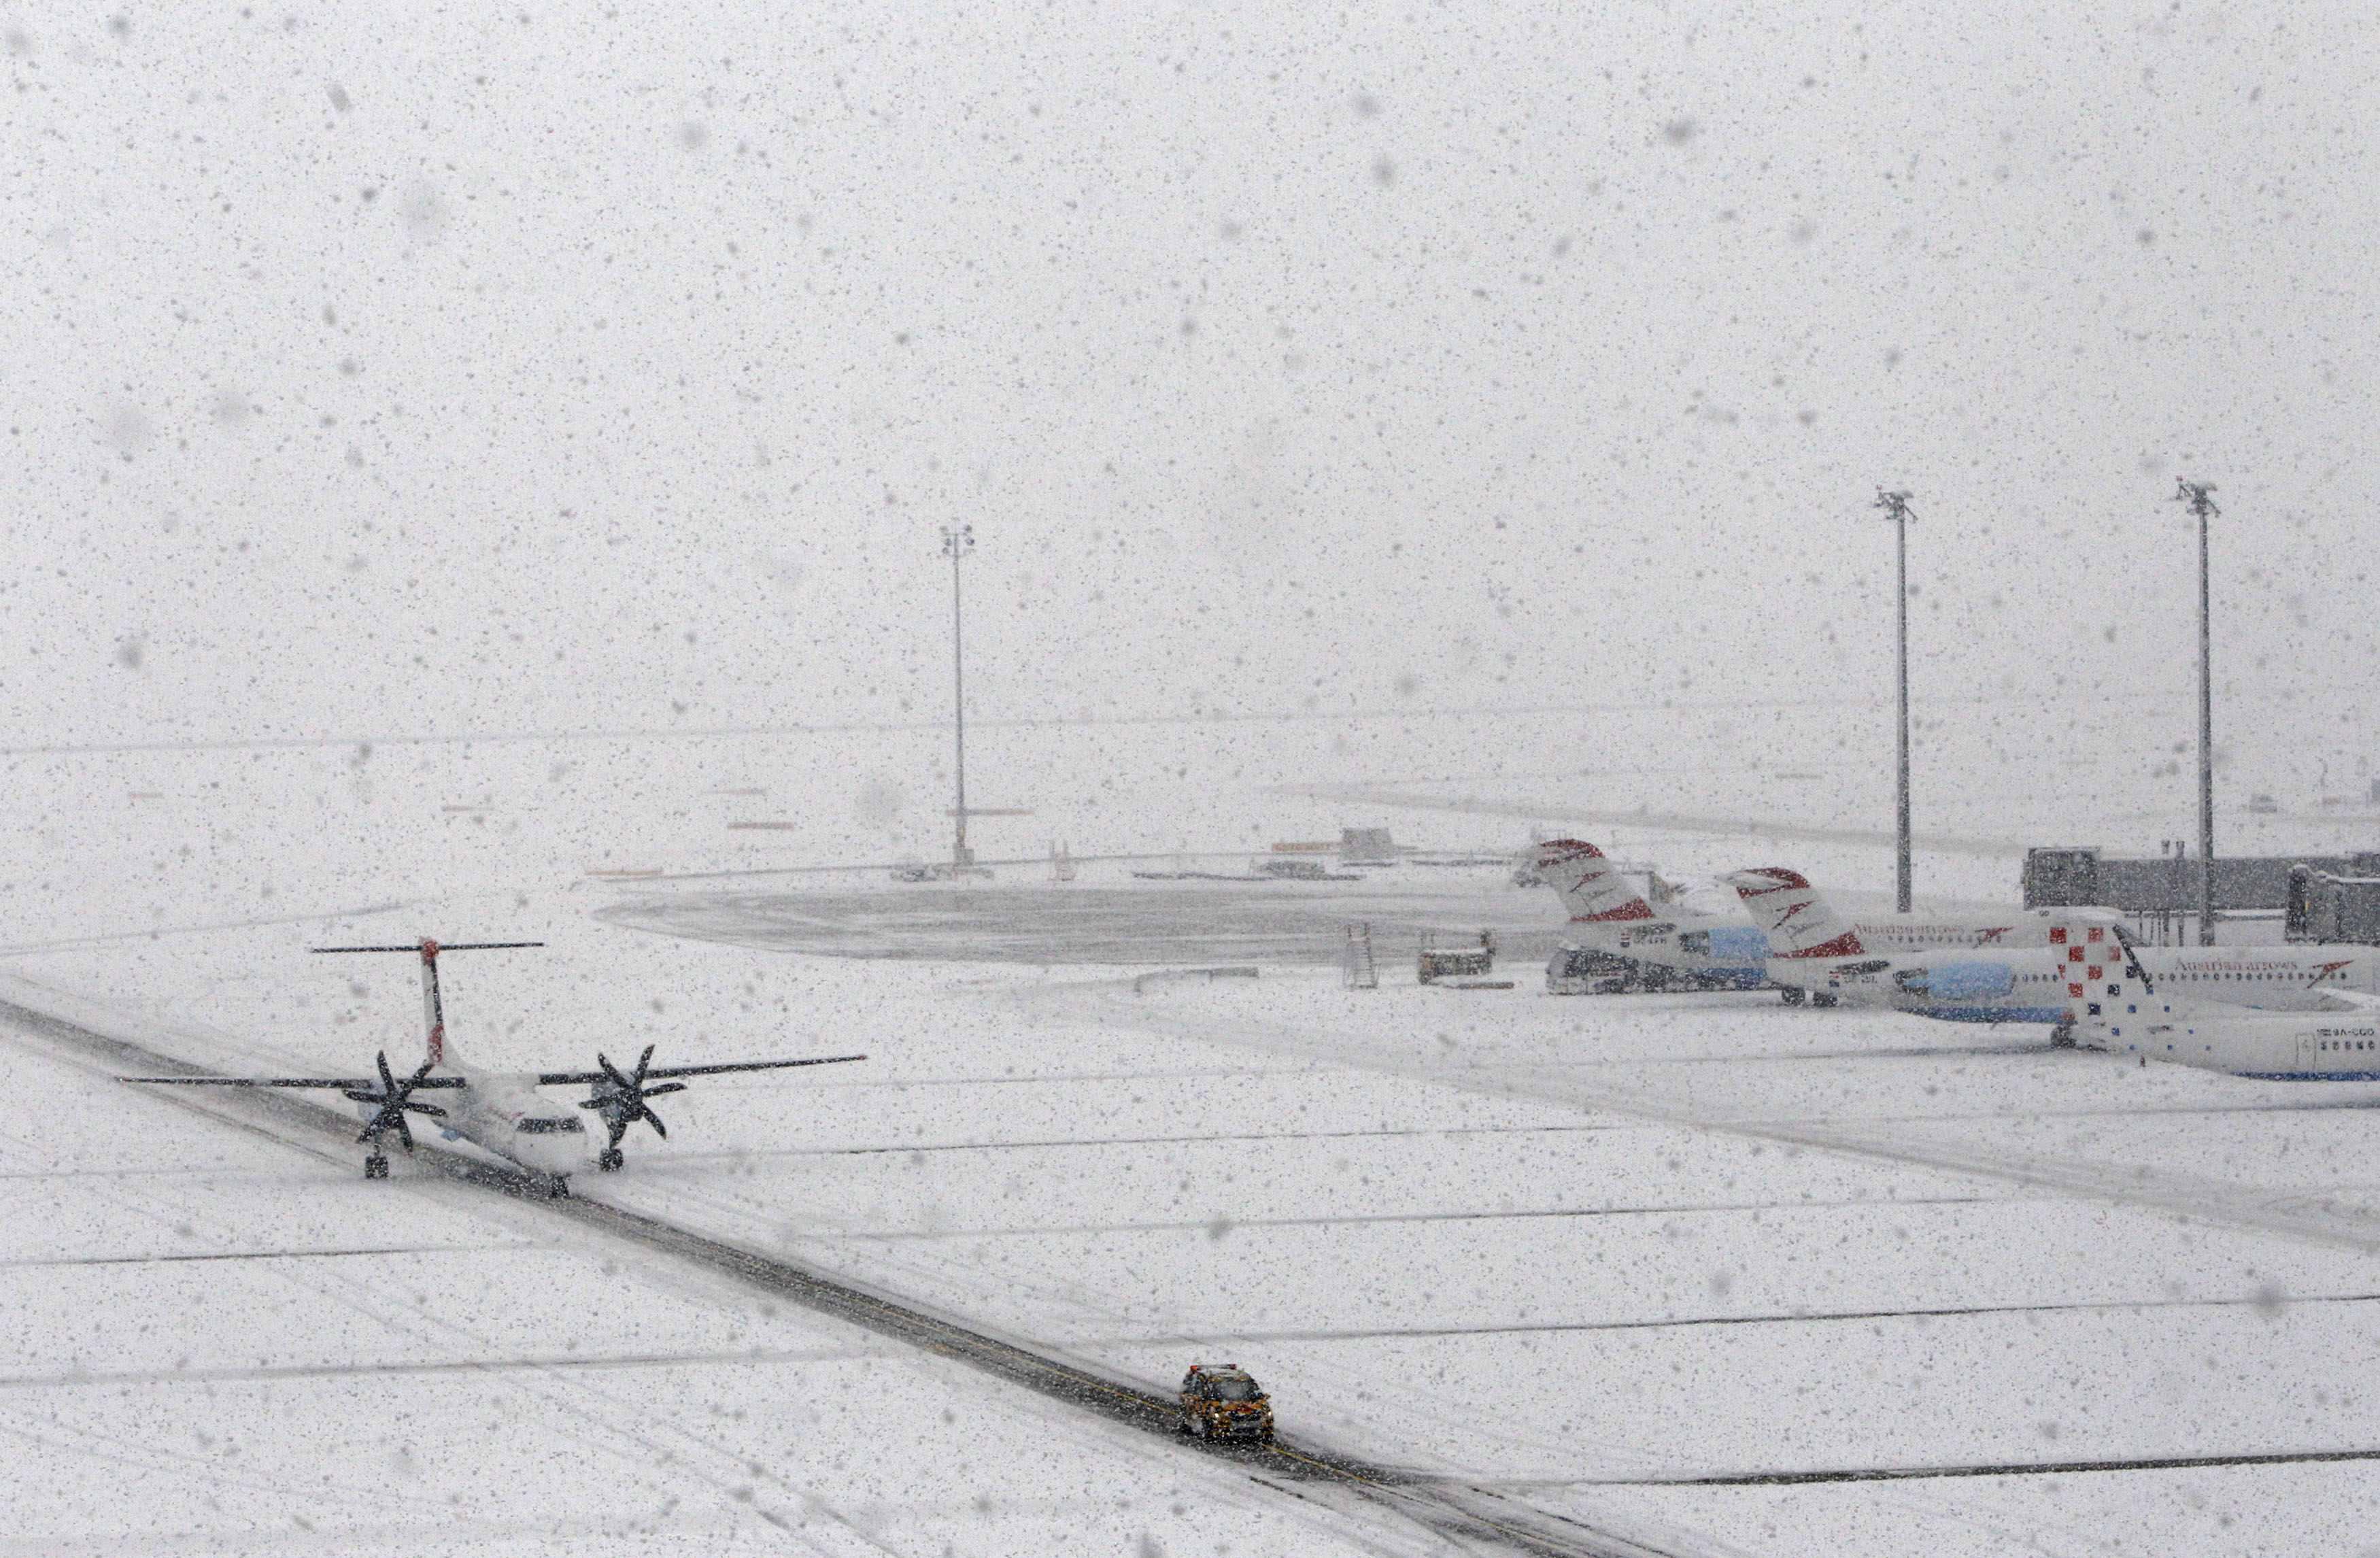 Ήταν κάποτε ένα αεροδρόμιο... στη Βιέννη - ΦΩΤΟ REUTERS